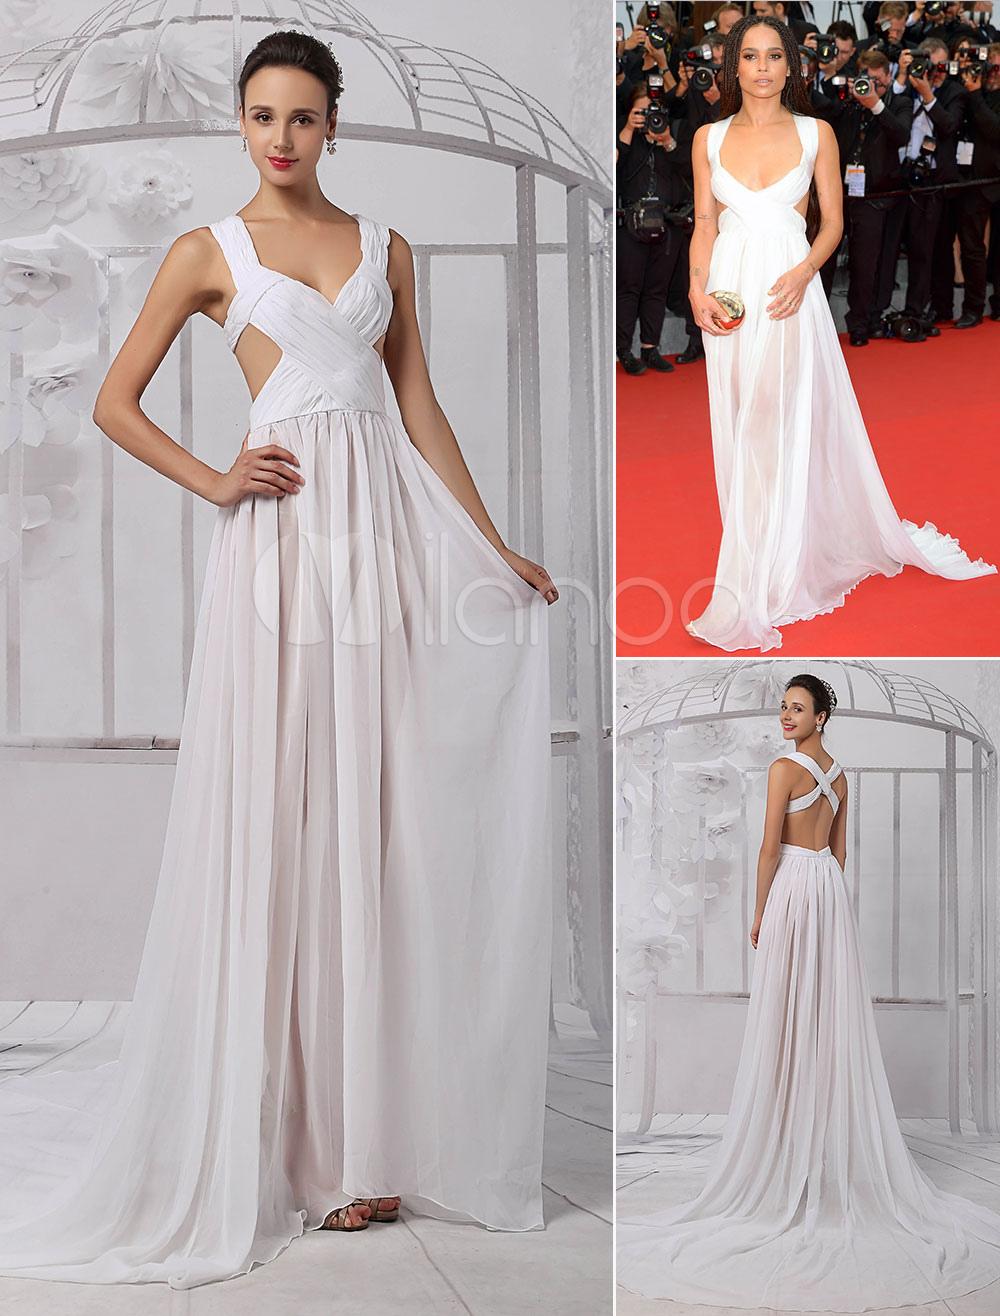 Promi kleider 2015 g nstige promi kleider prominente - Kleider milanoo ...